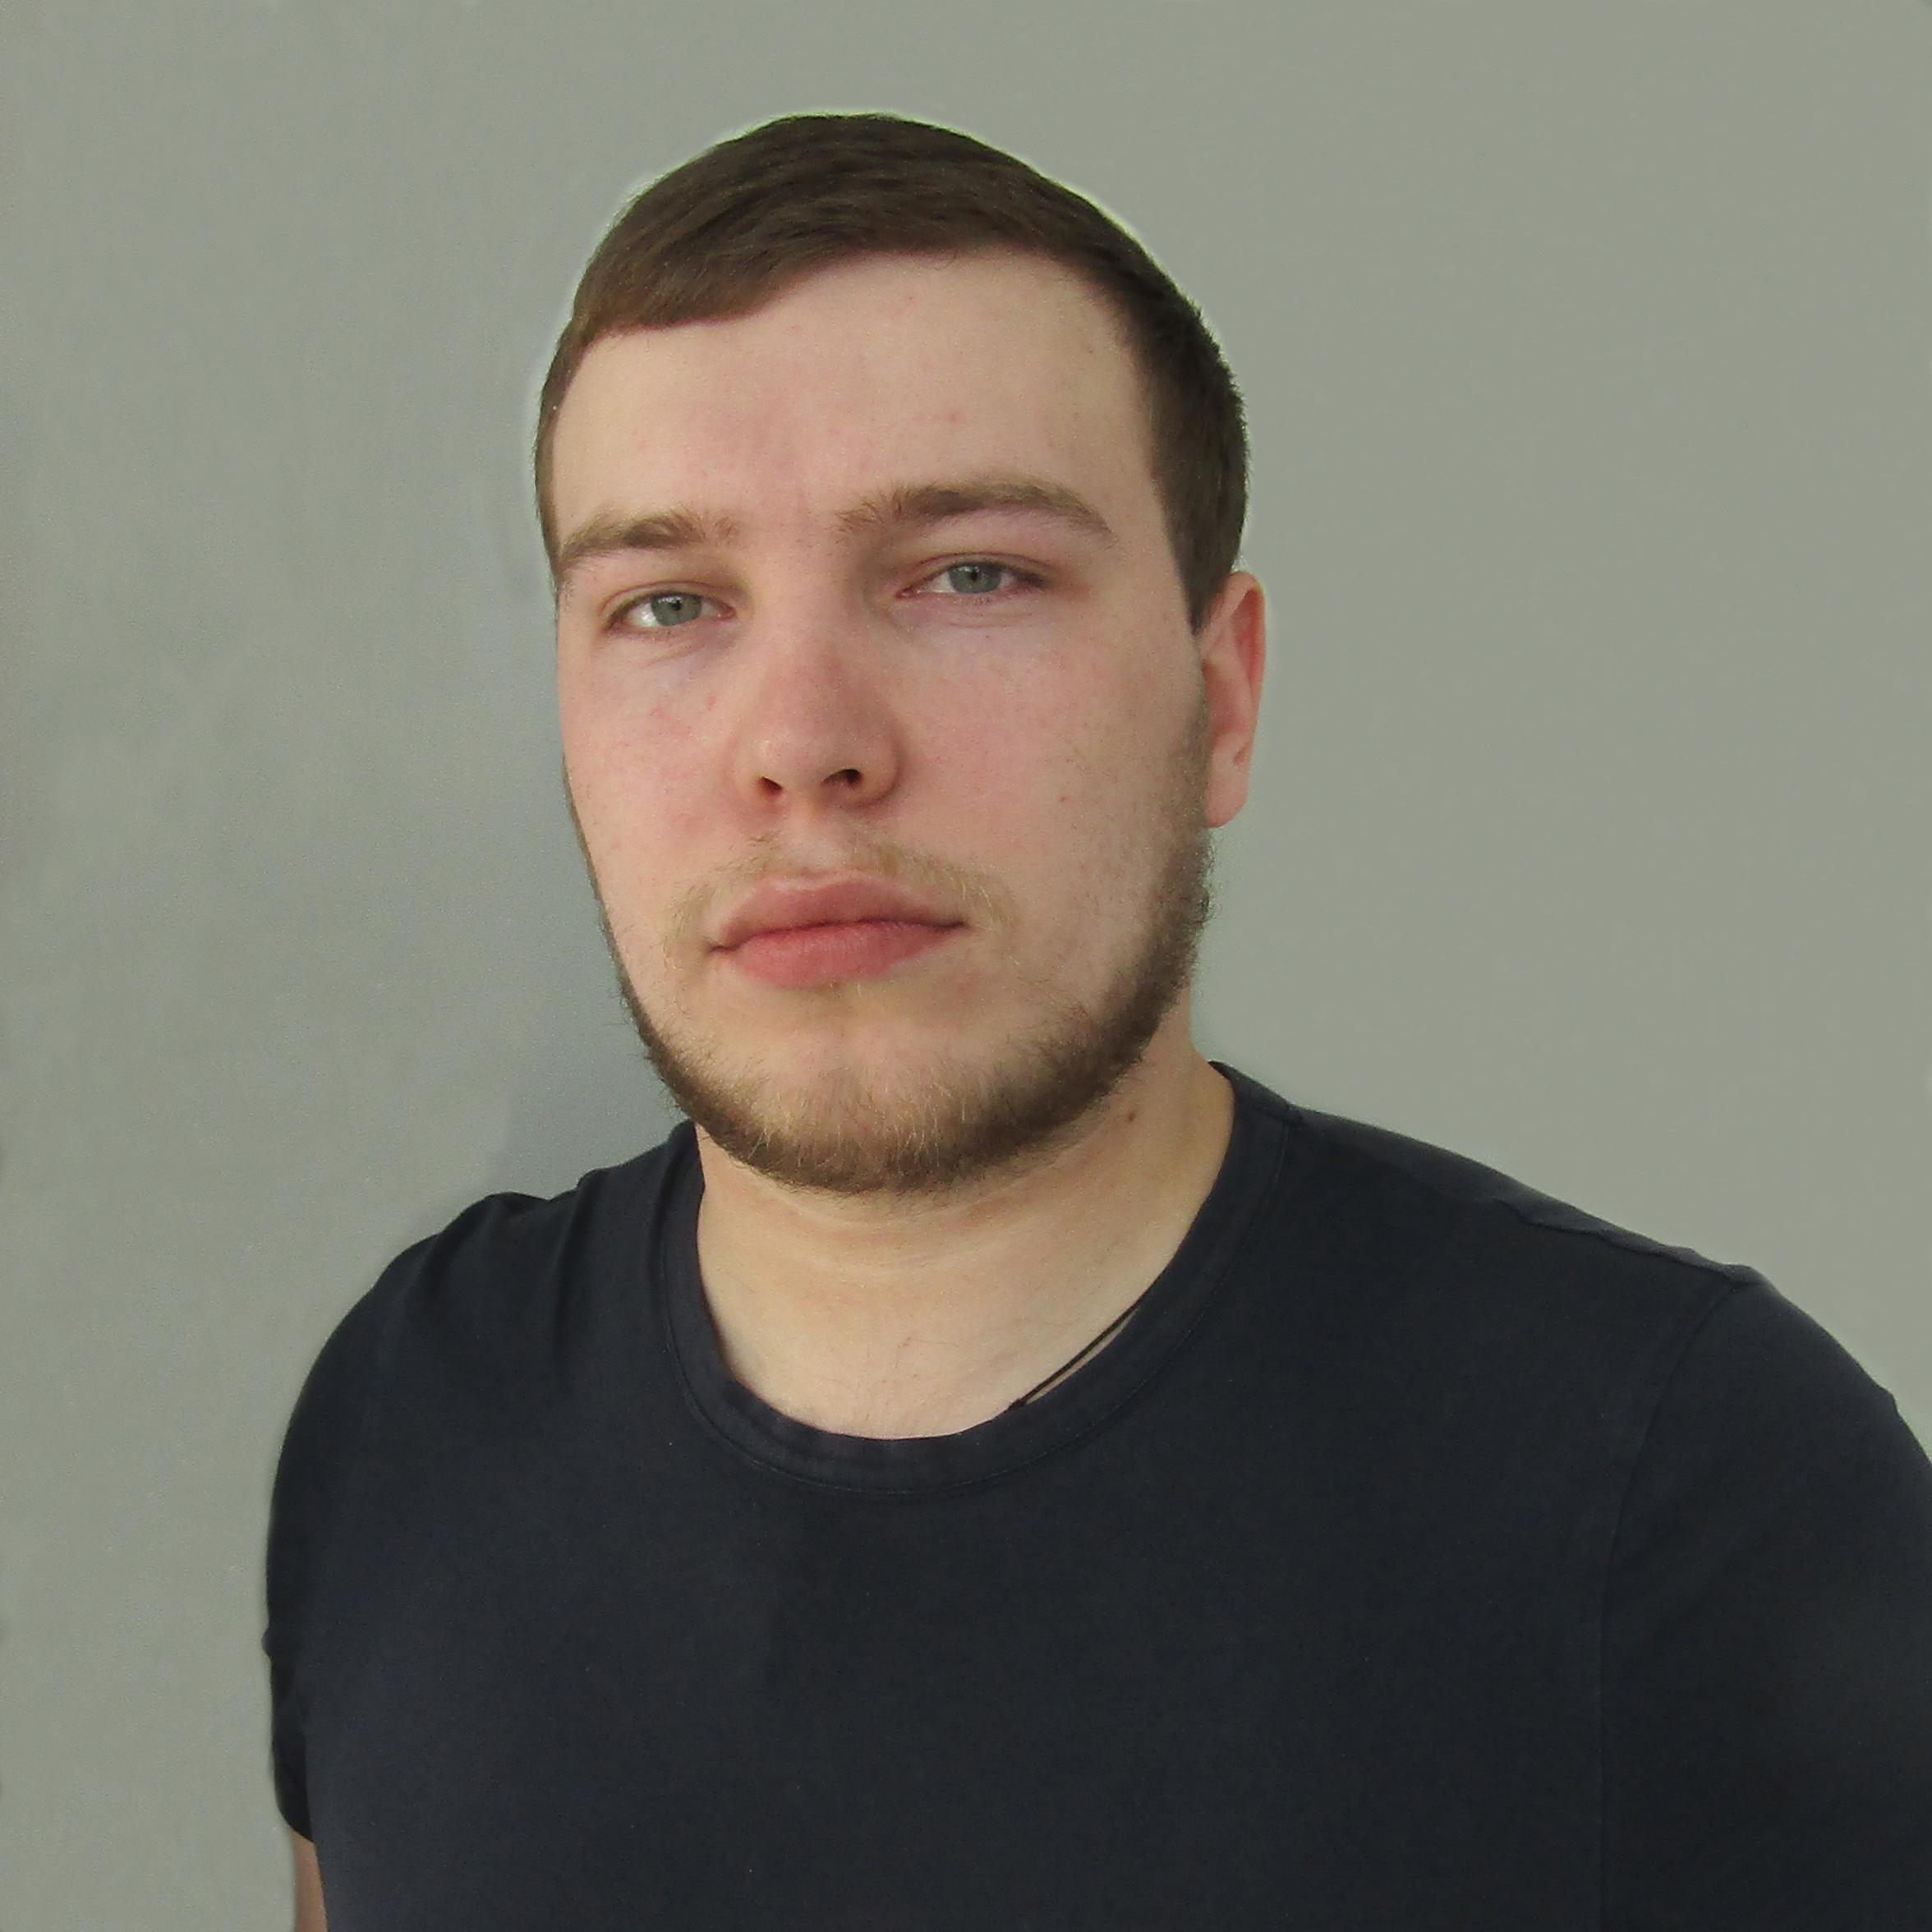 Кургузов Сергей Борисович